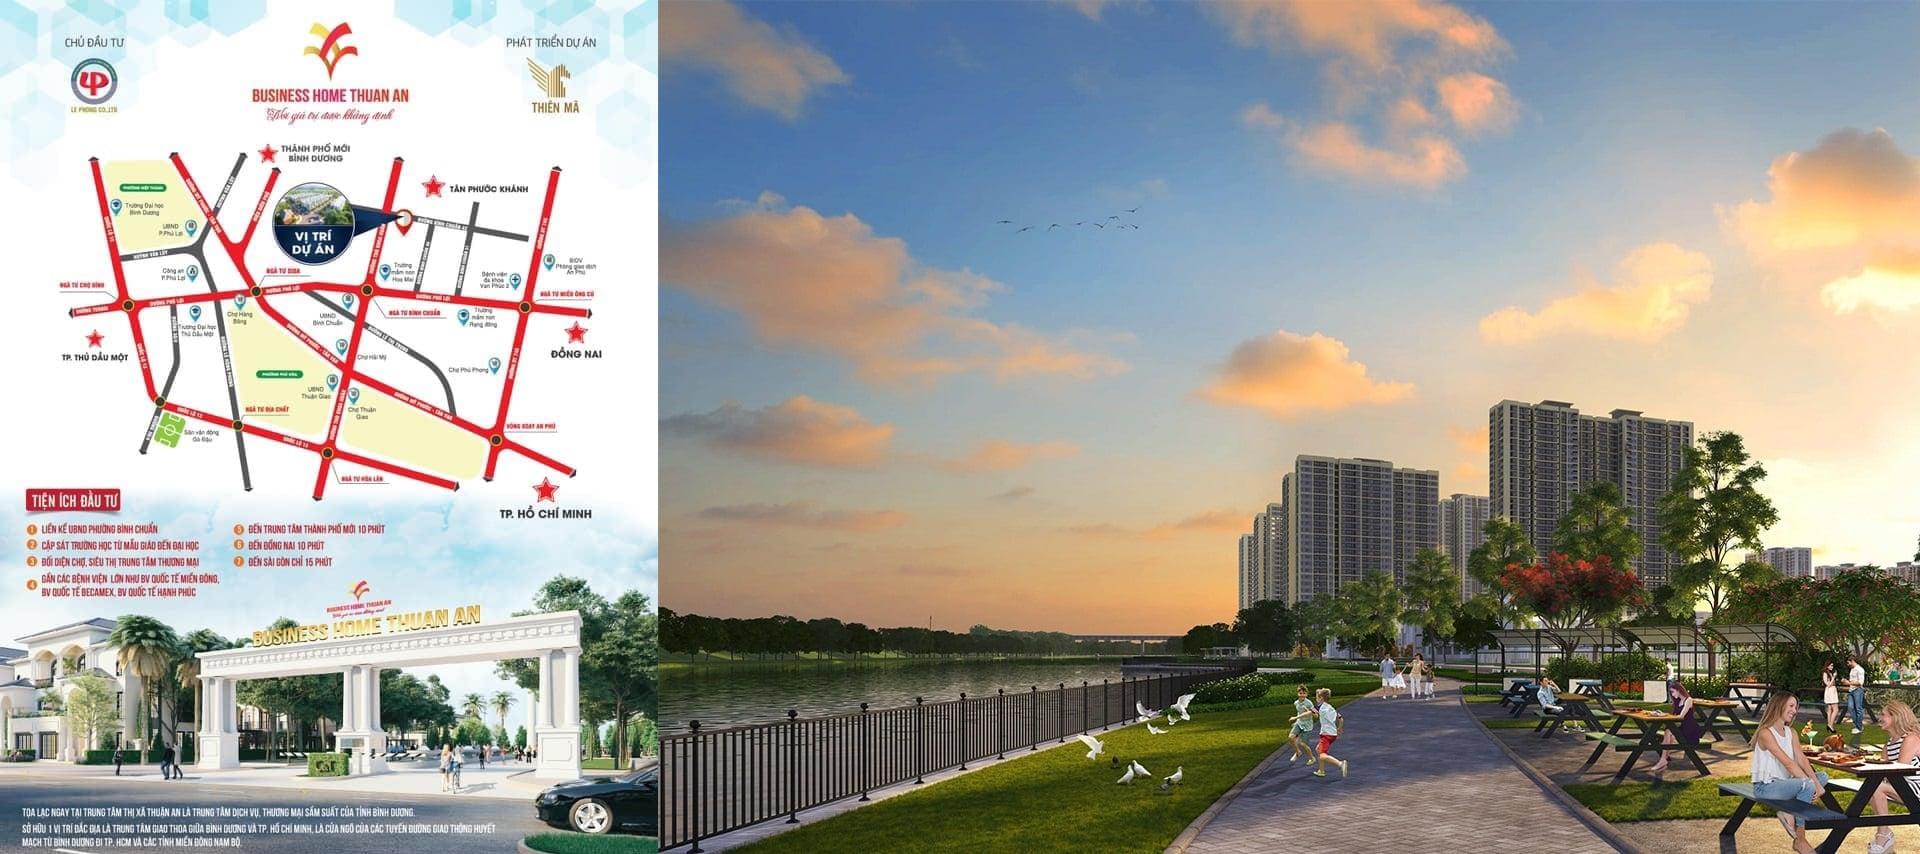 Phối cảnh dự án đất nền Business Home Thuận An Bình Dương